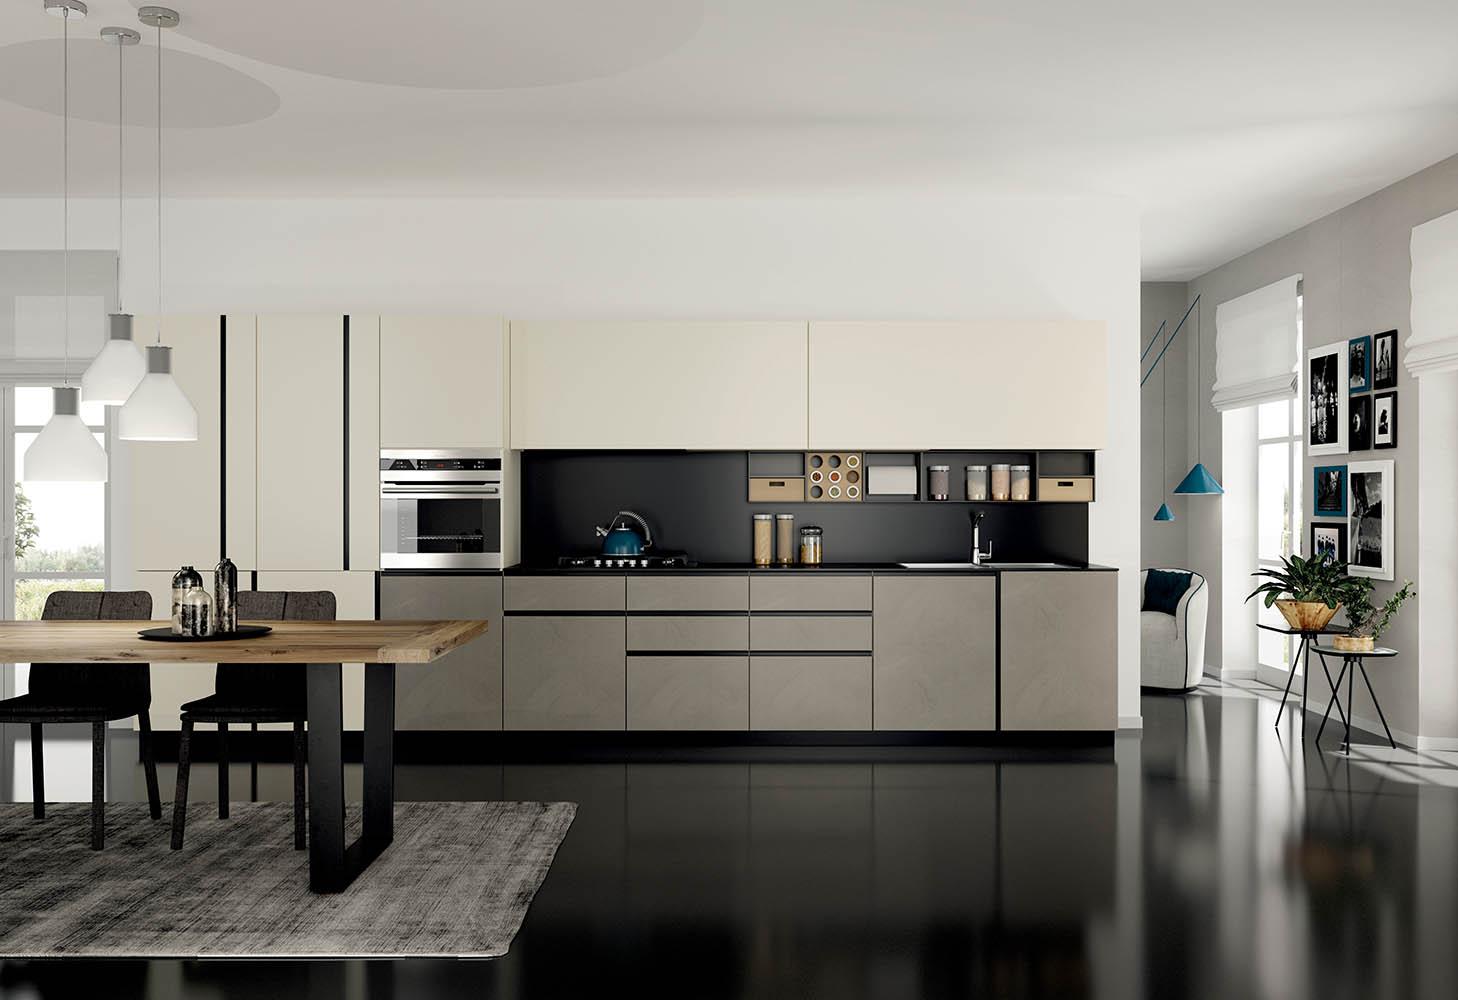 Cucine componibili: Scegli lo stile moderno per la tua ...